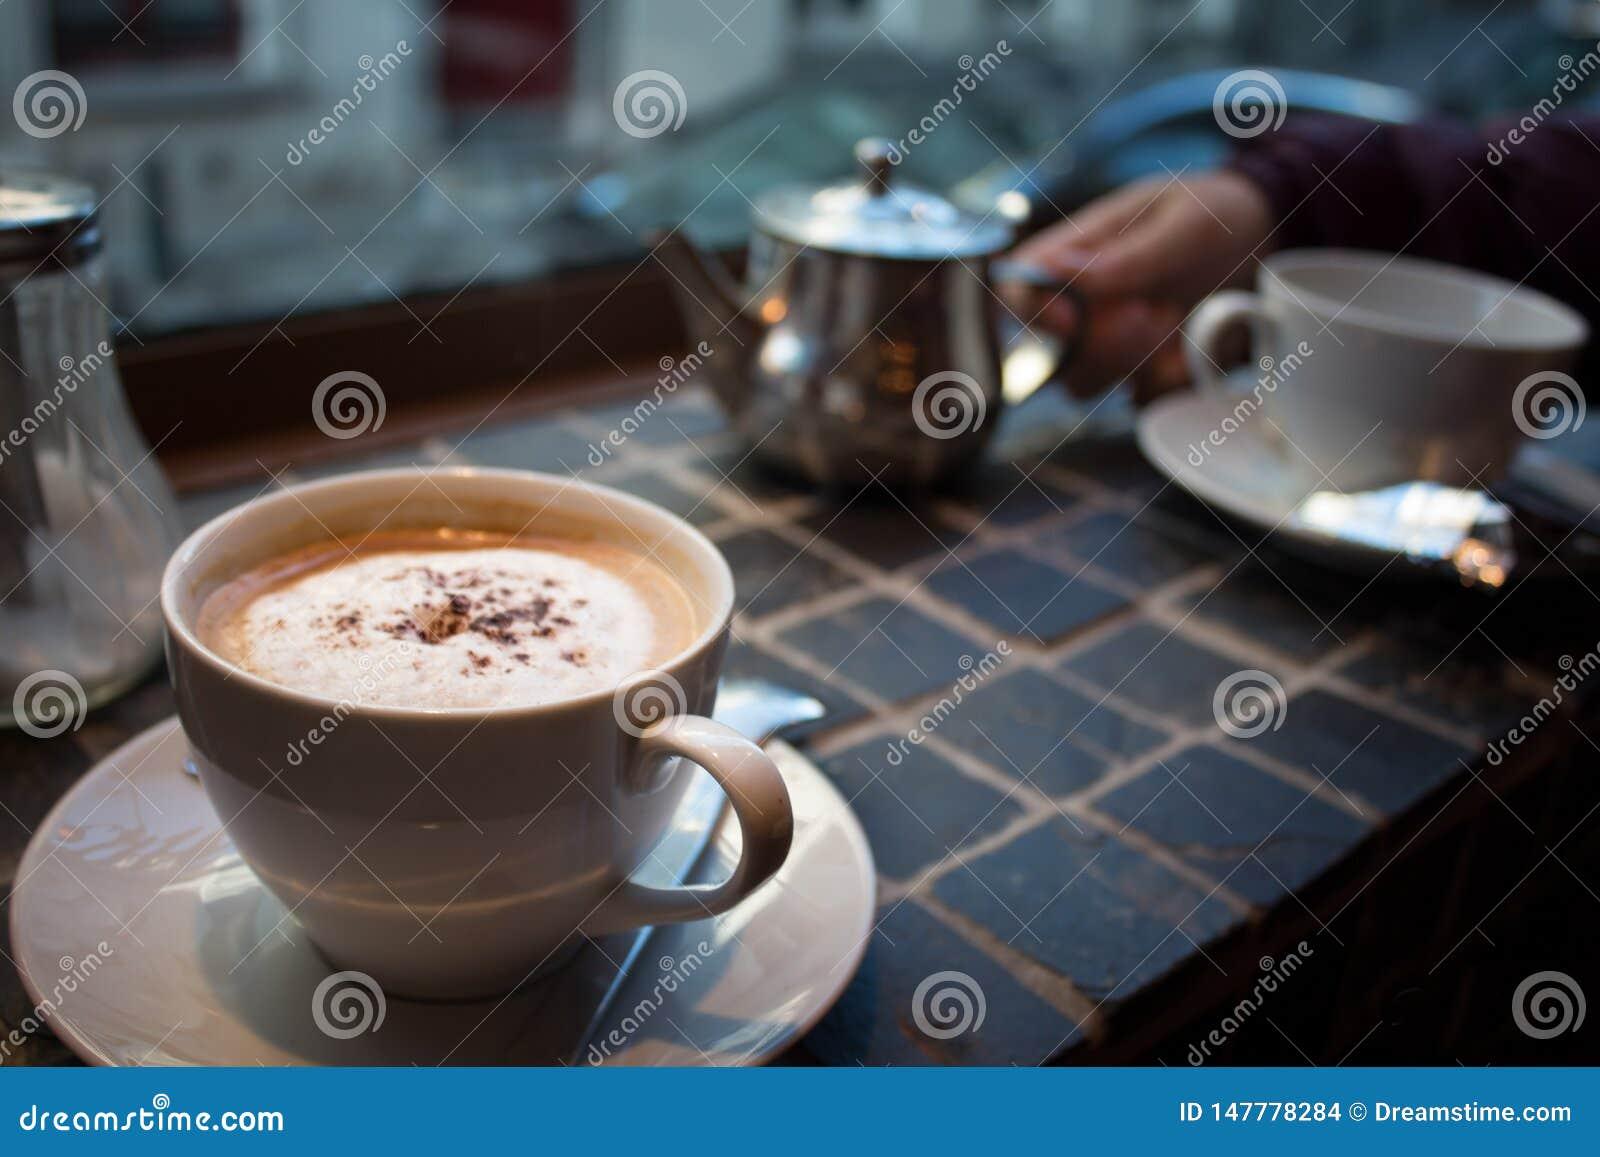 热奶咖啡和茶